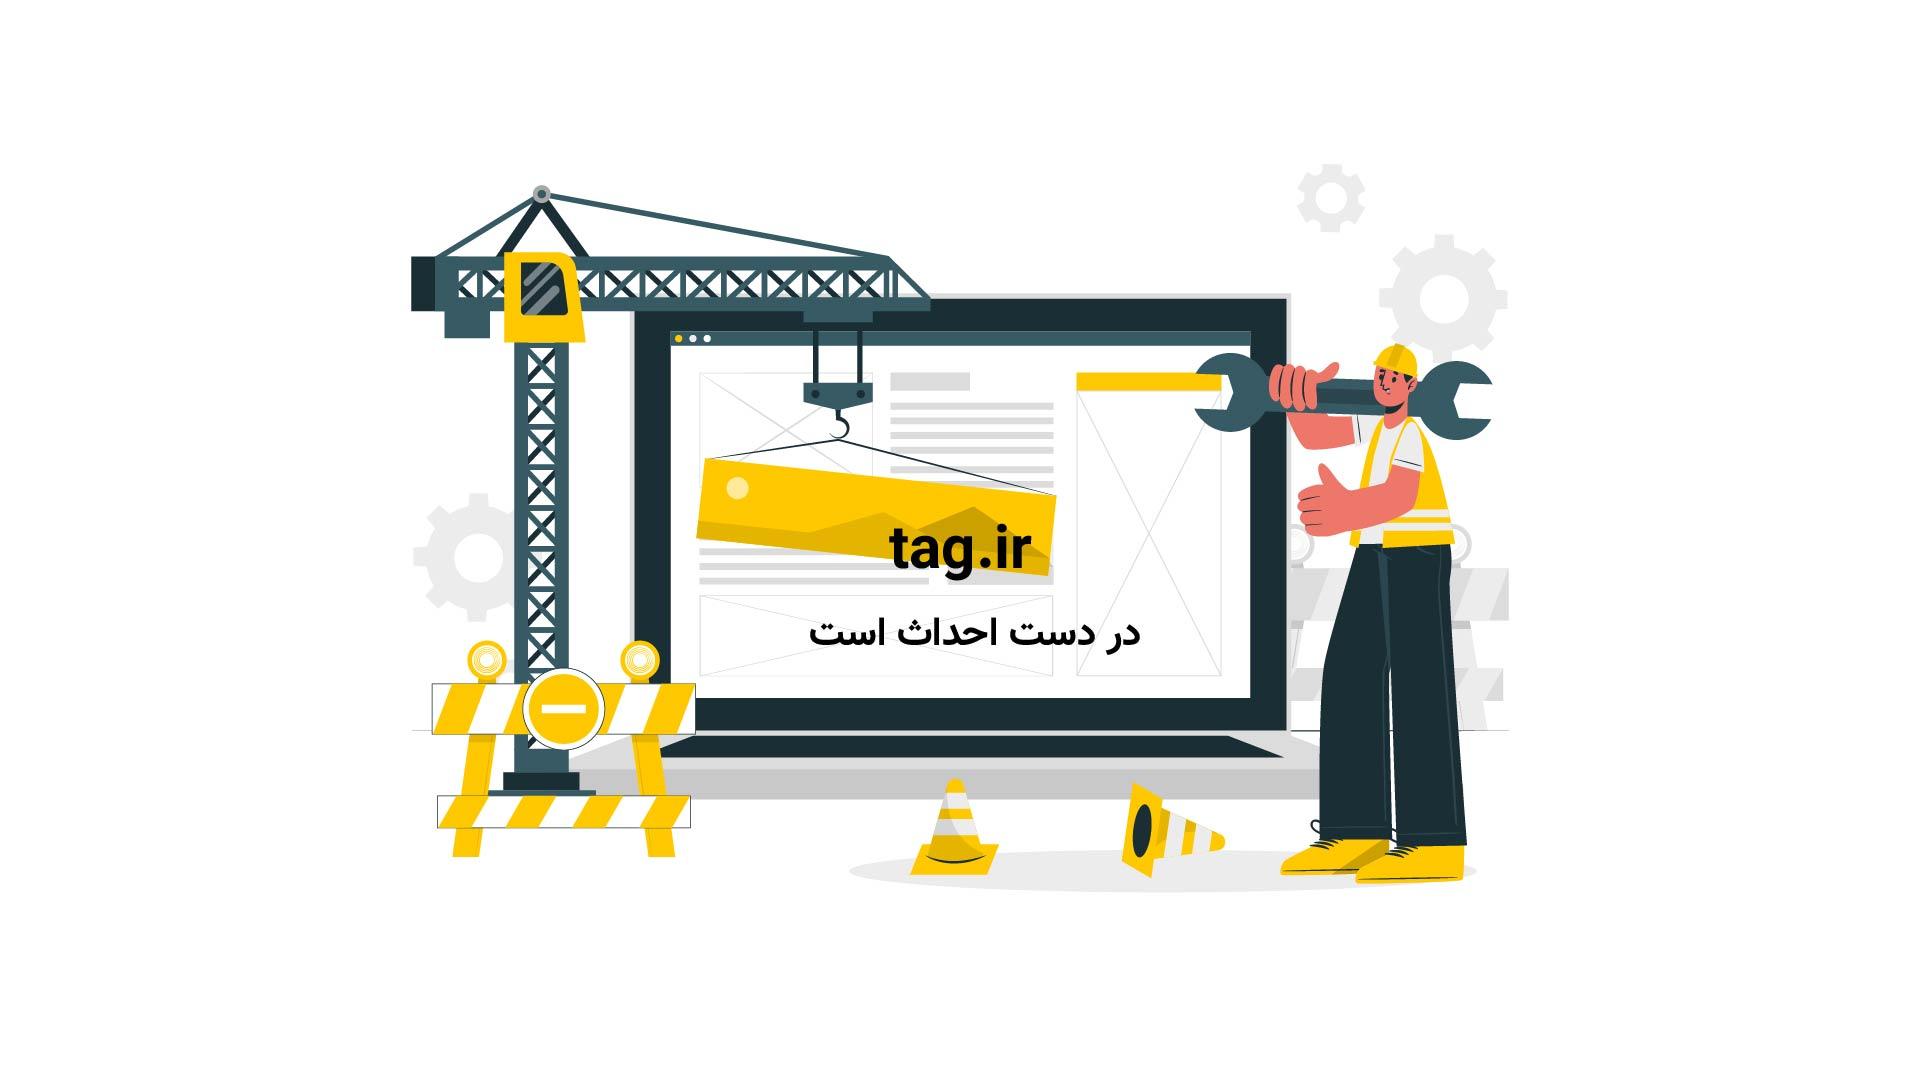 آتش نشانان ساختمان پلاسکو | تگ